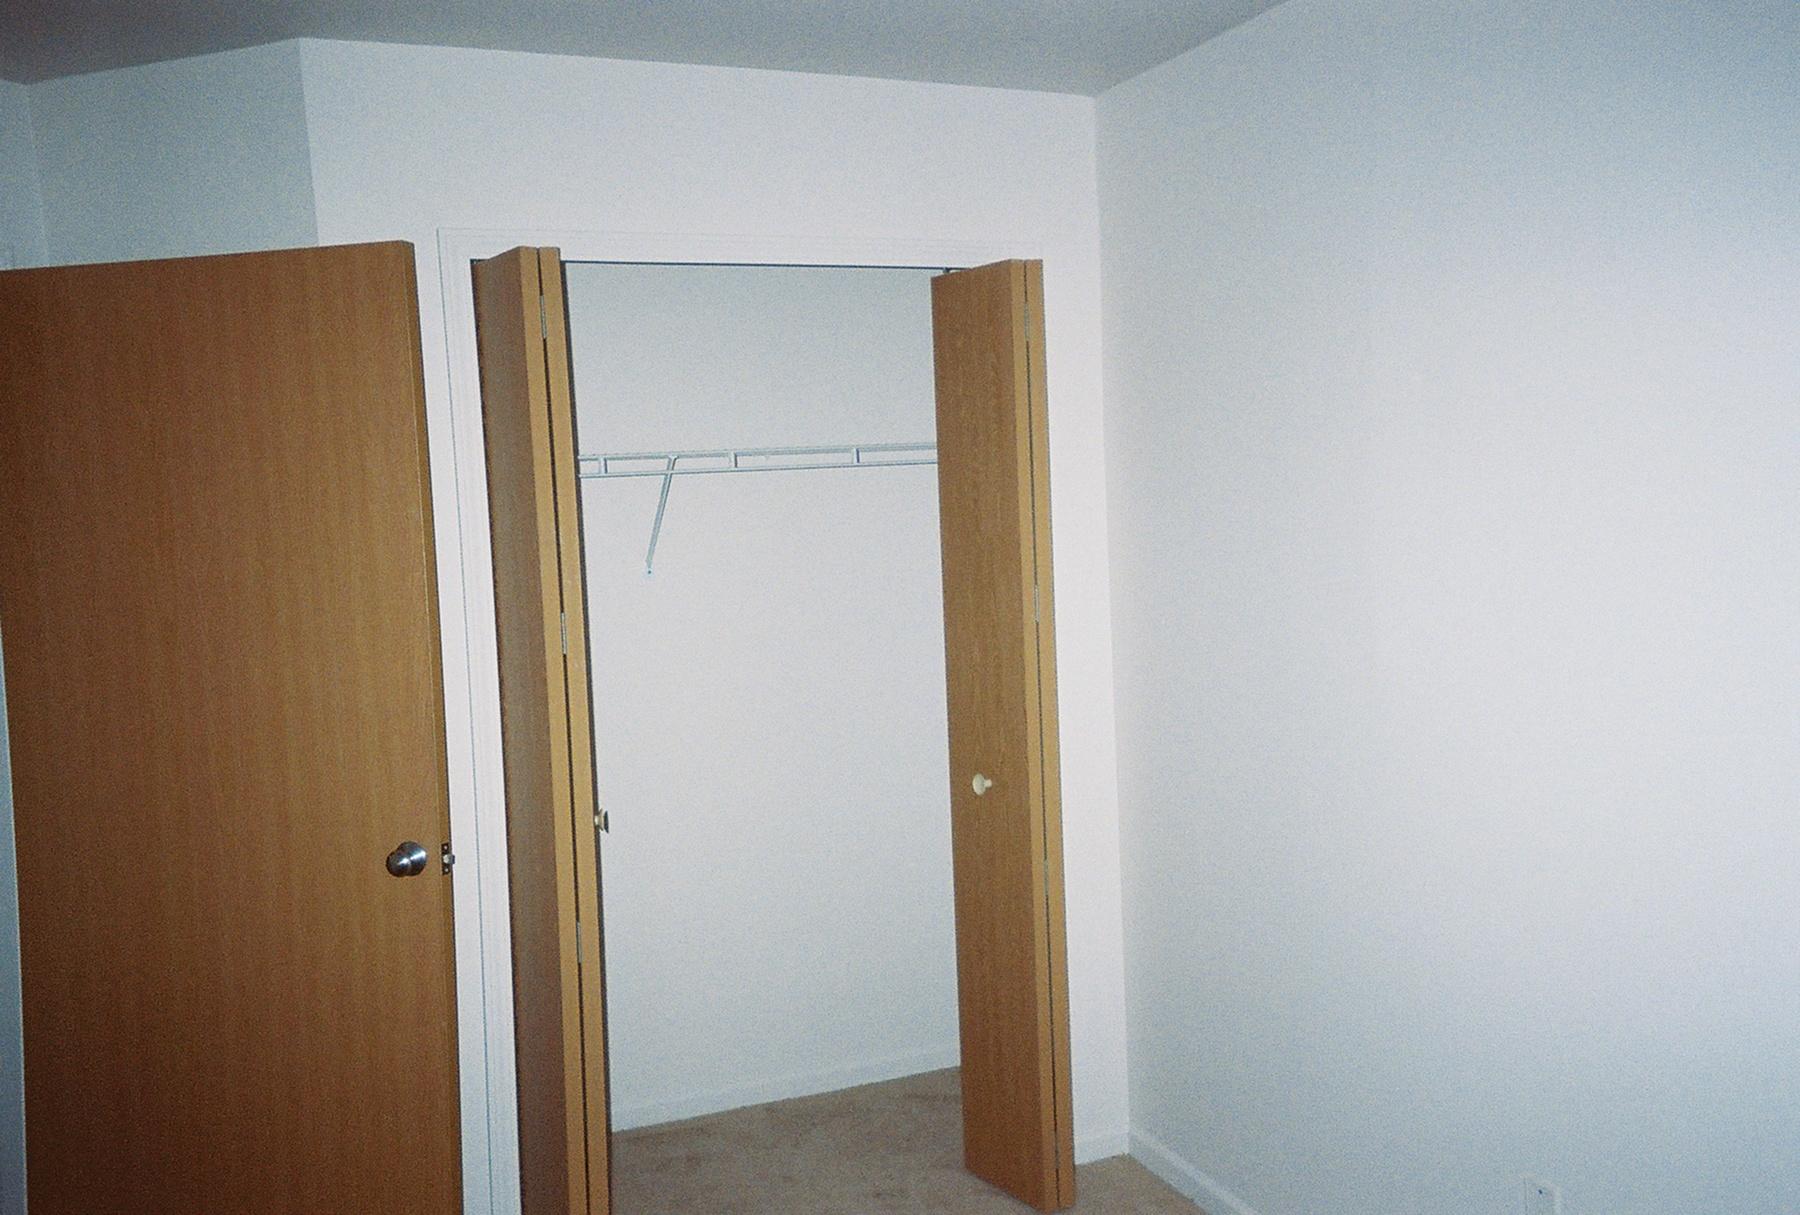 Closet Space